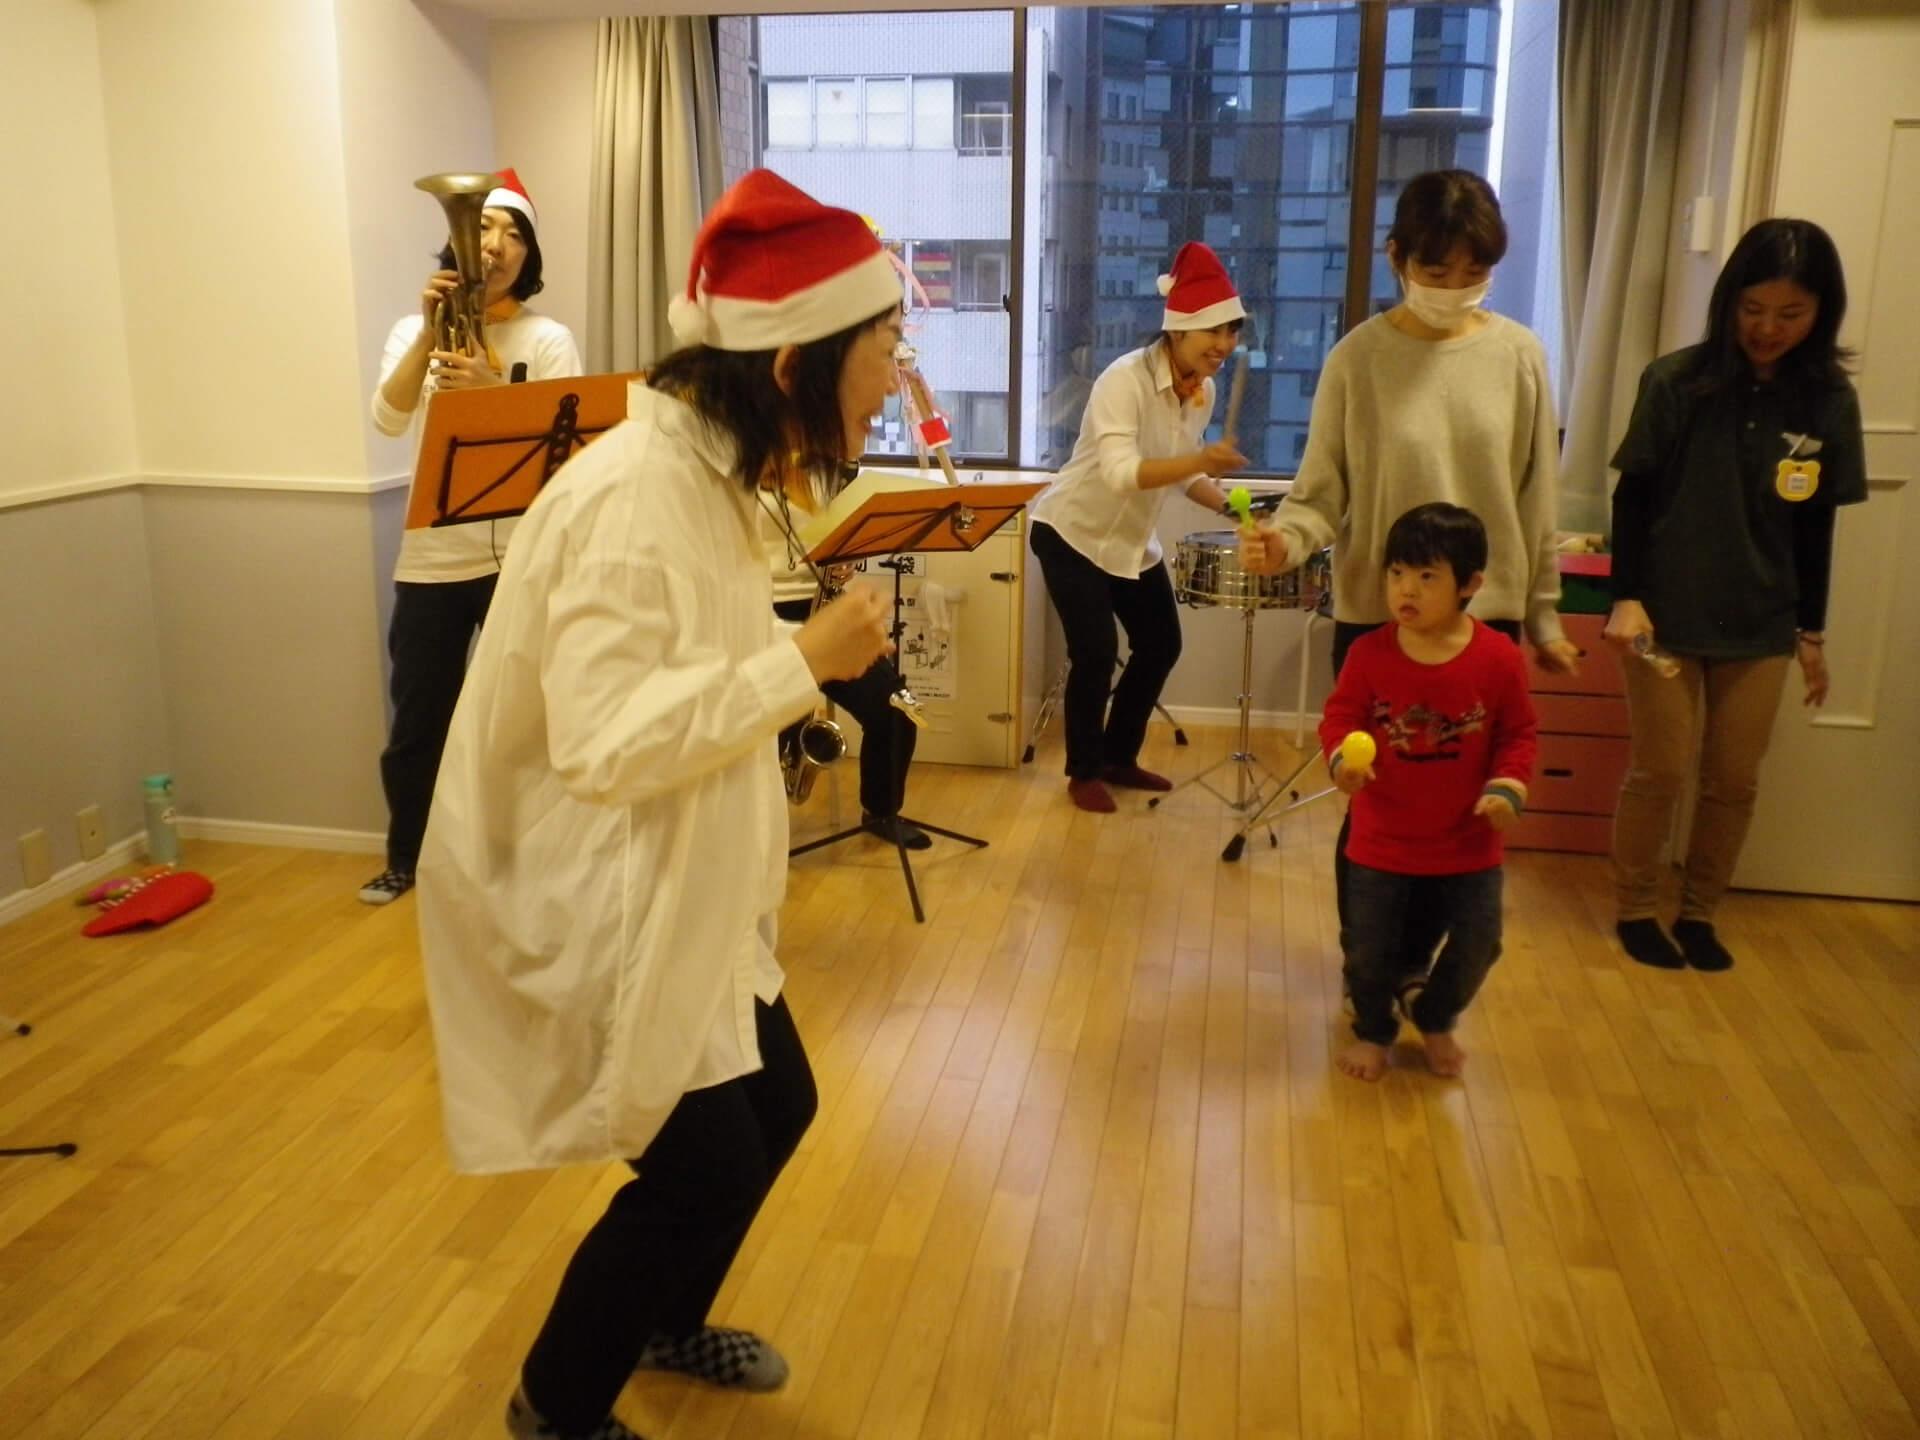 楽器を演奏する職員と子ども